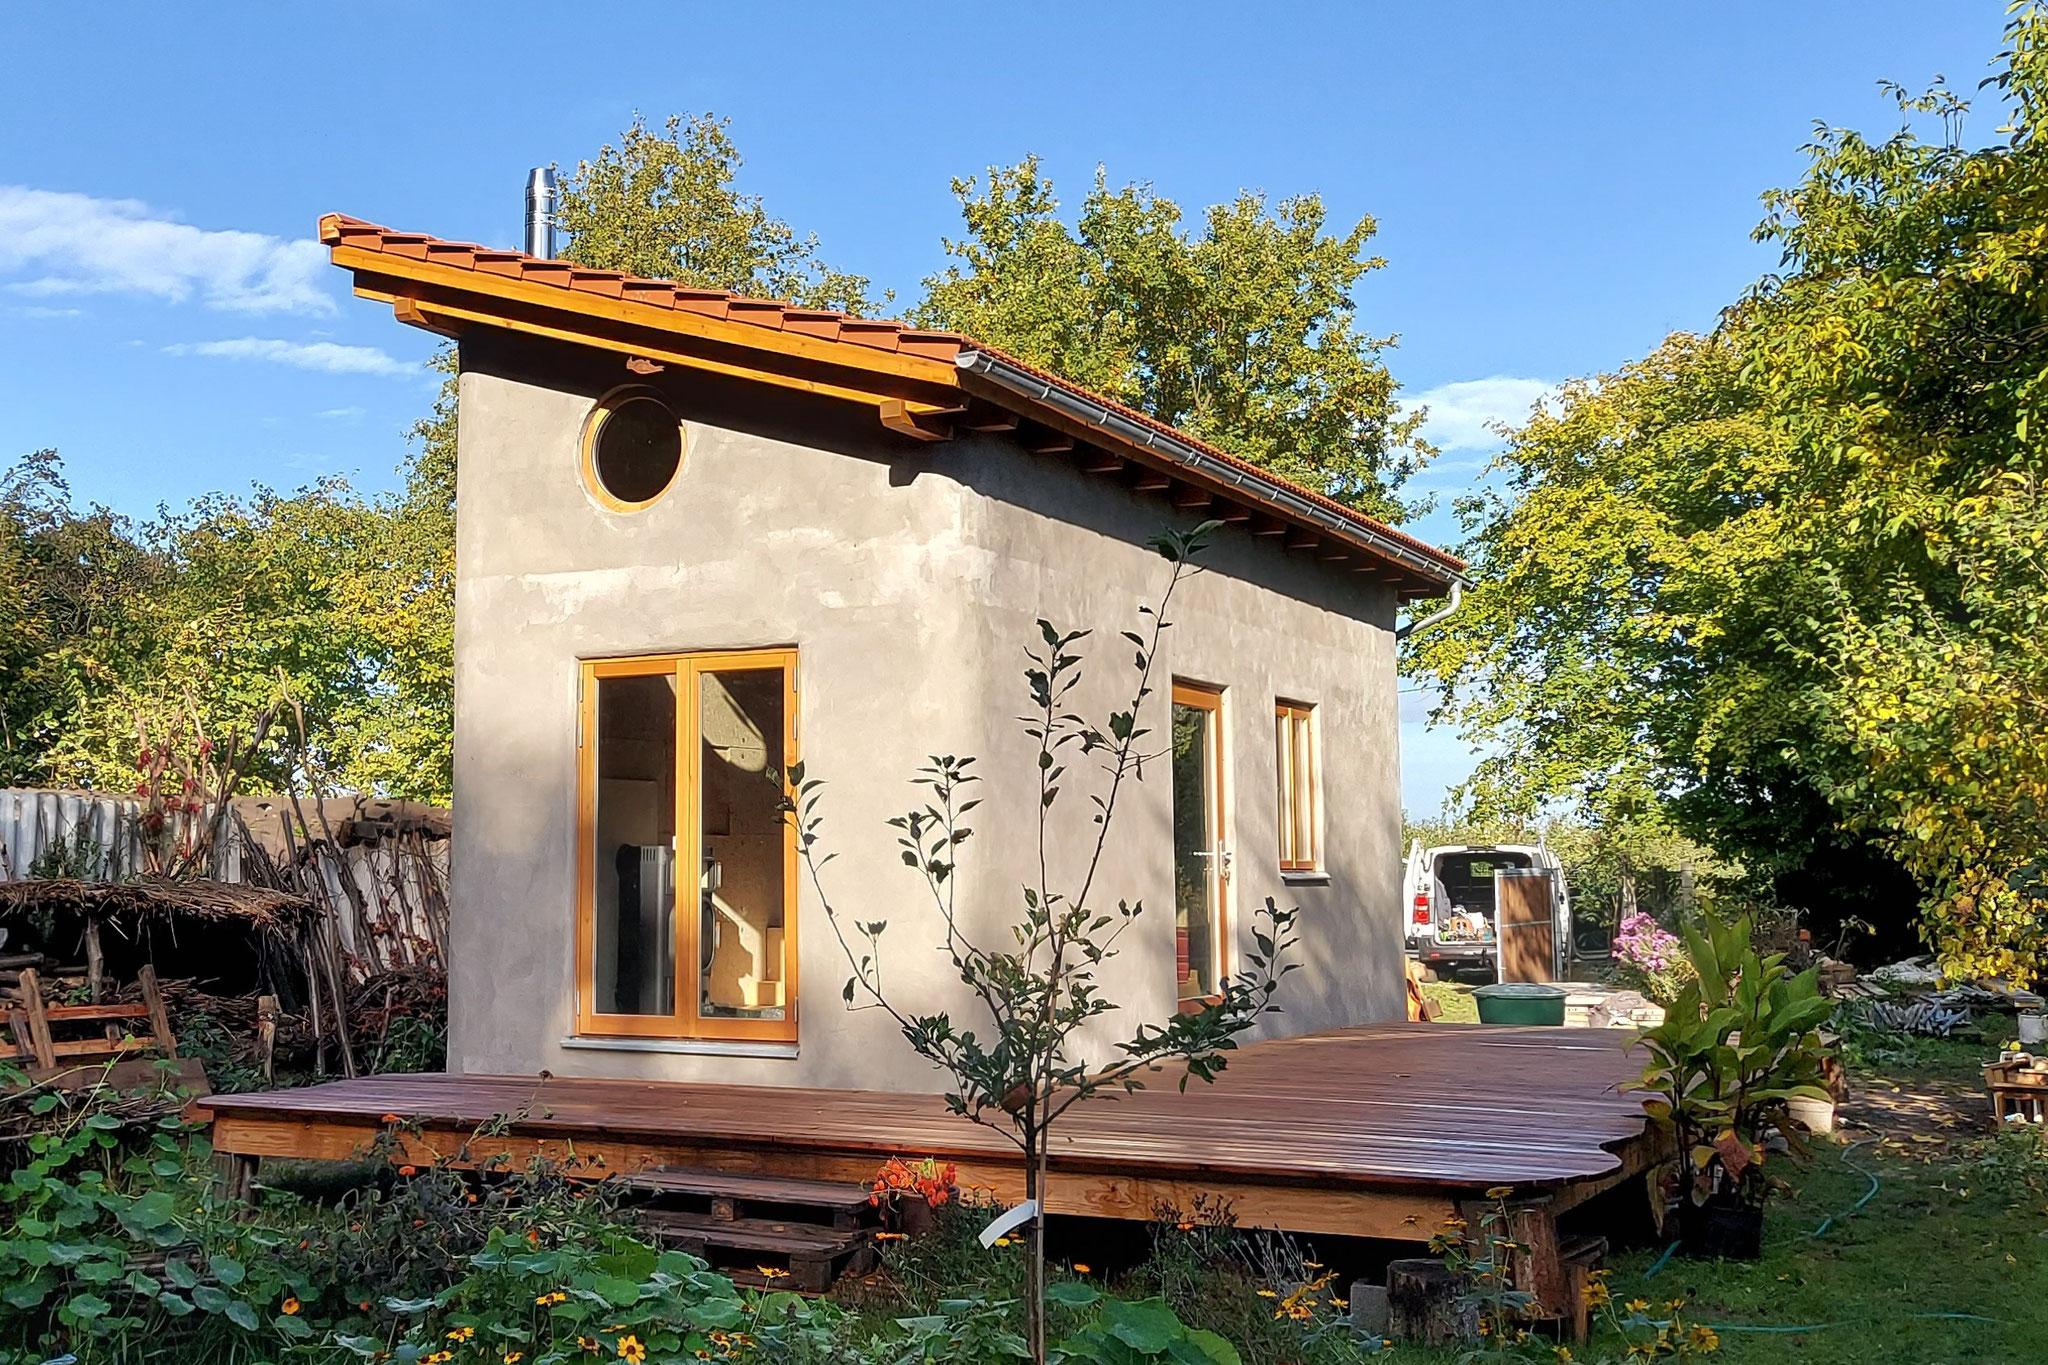 Das frisch verputzte Tiny House aus Hanf! - Foto: Henrik Pauly